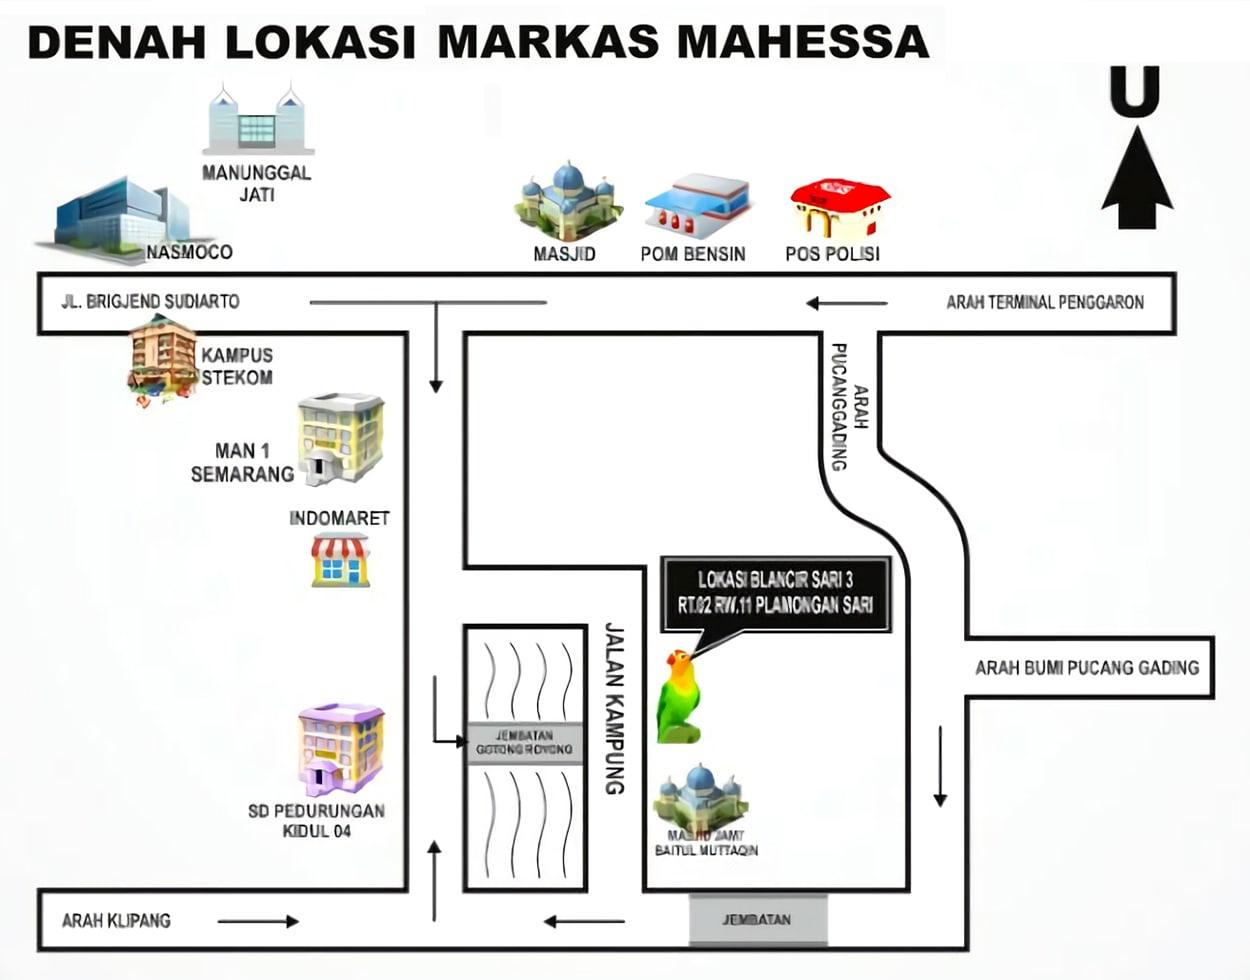 Gantangan KWB Mahessa Community